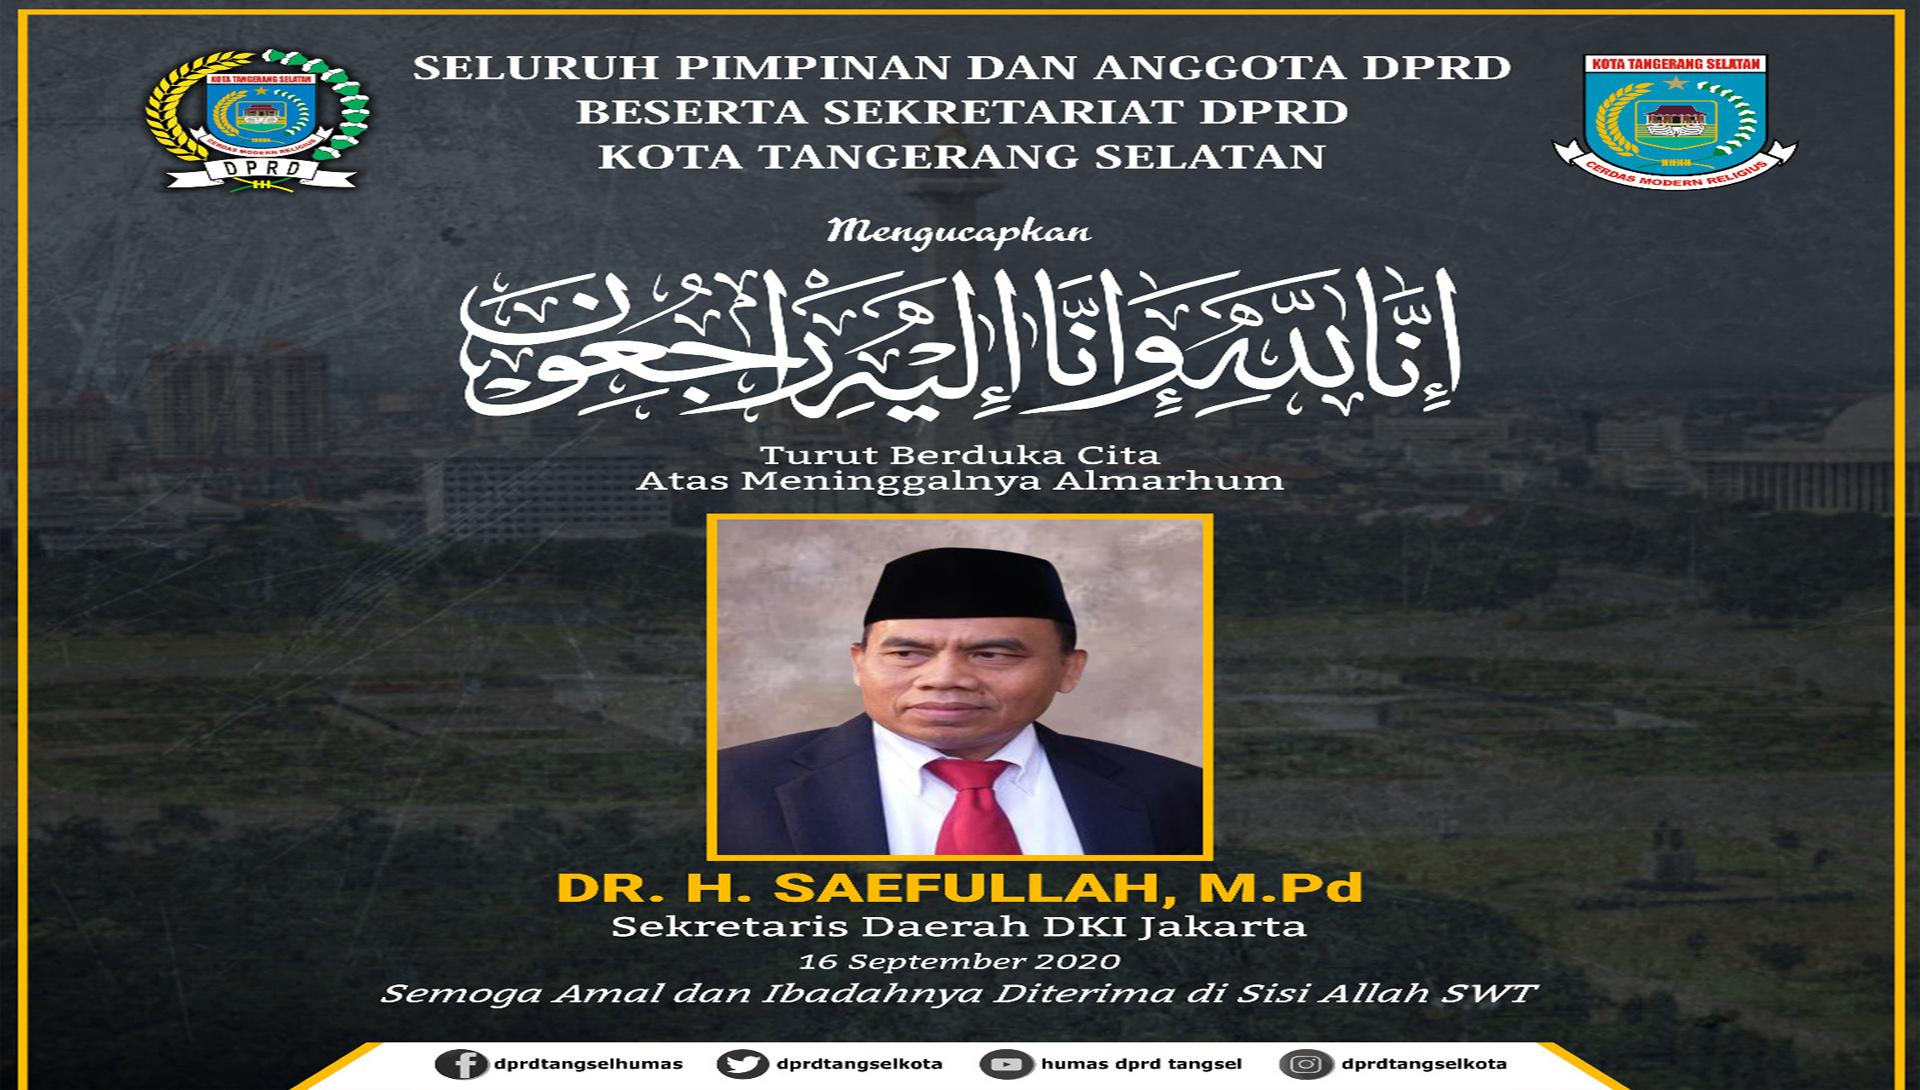 Turut Berduka Cita atas Wafatnya DR. H. Saefullah, M.Pd